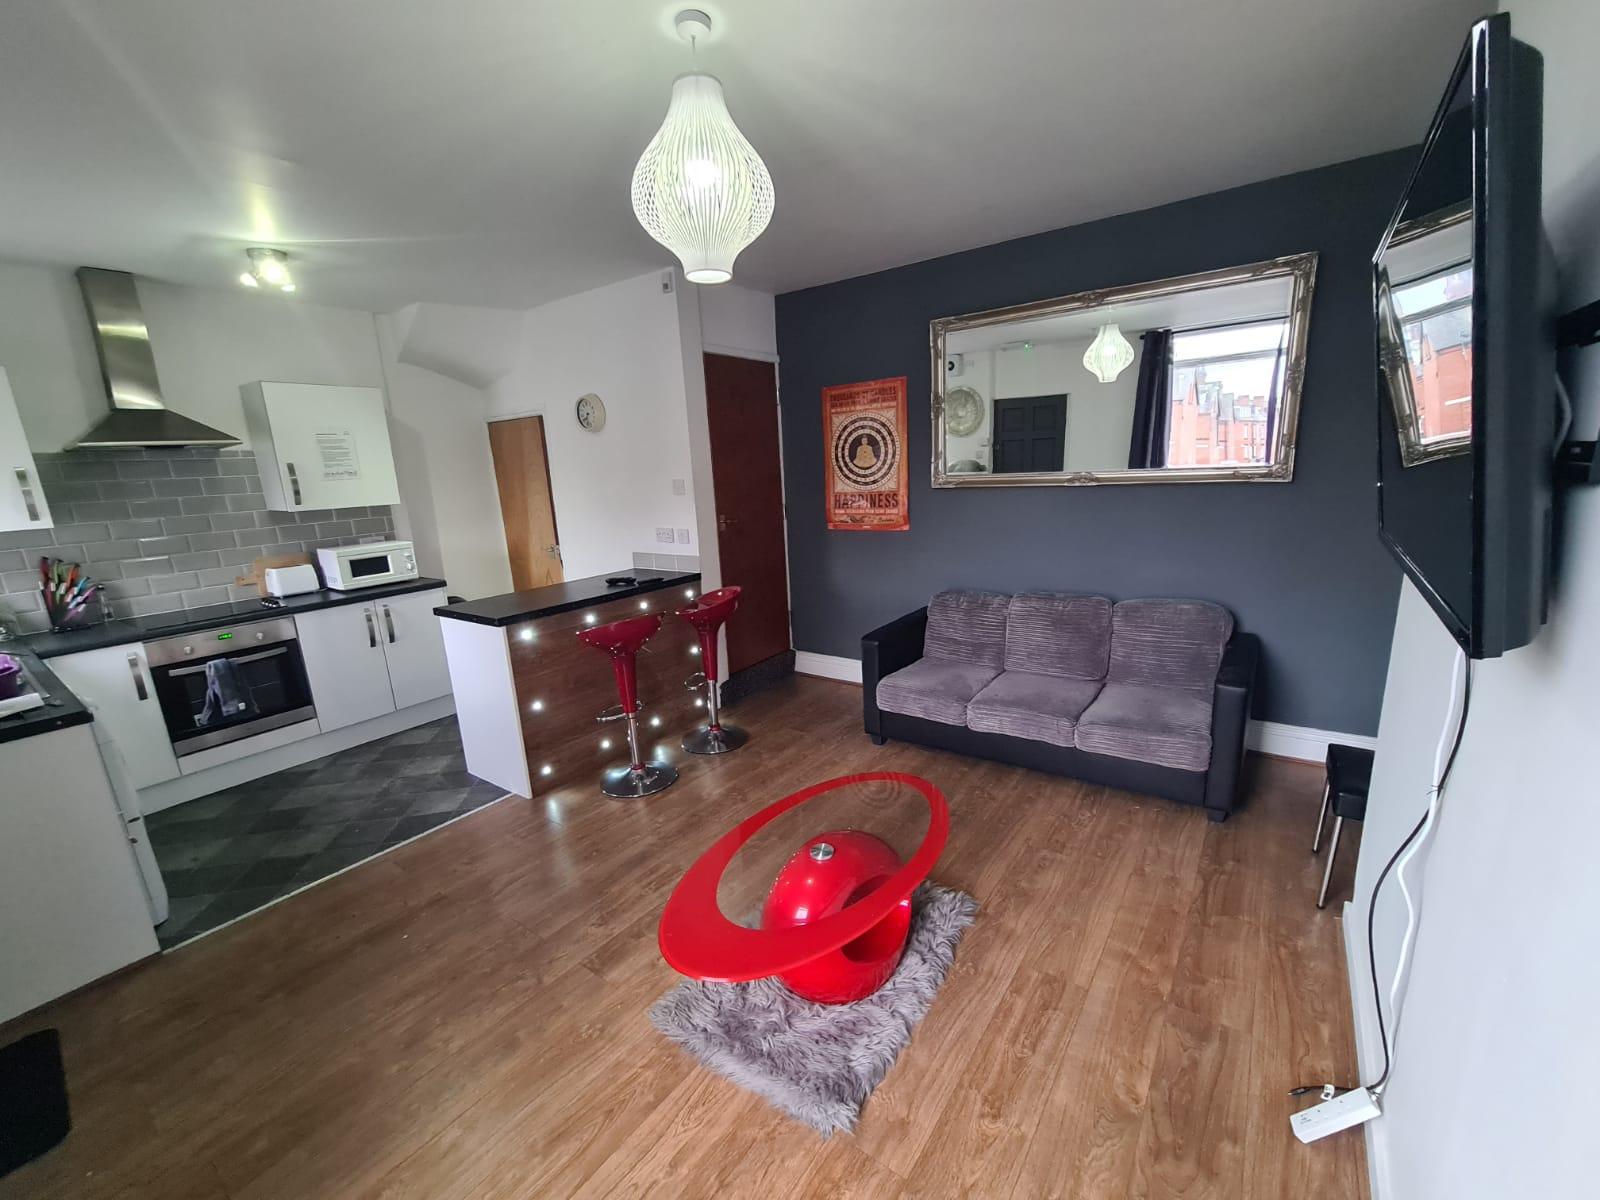 https://www.landlorddirectlets.co.uk/storage/app/uploads/public/600/858/6f8/6008586f86866281866972.jpeg